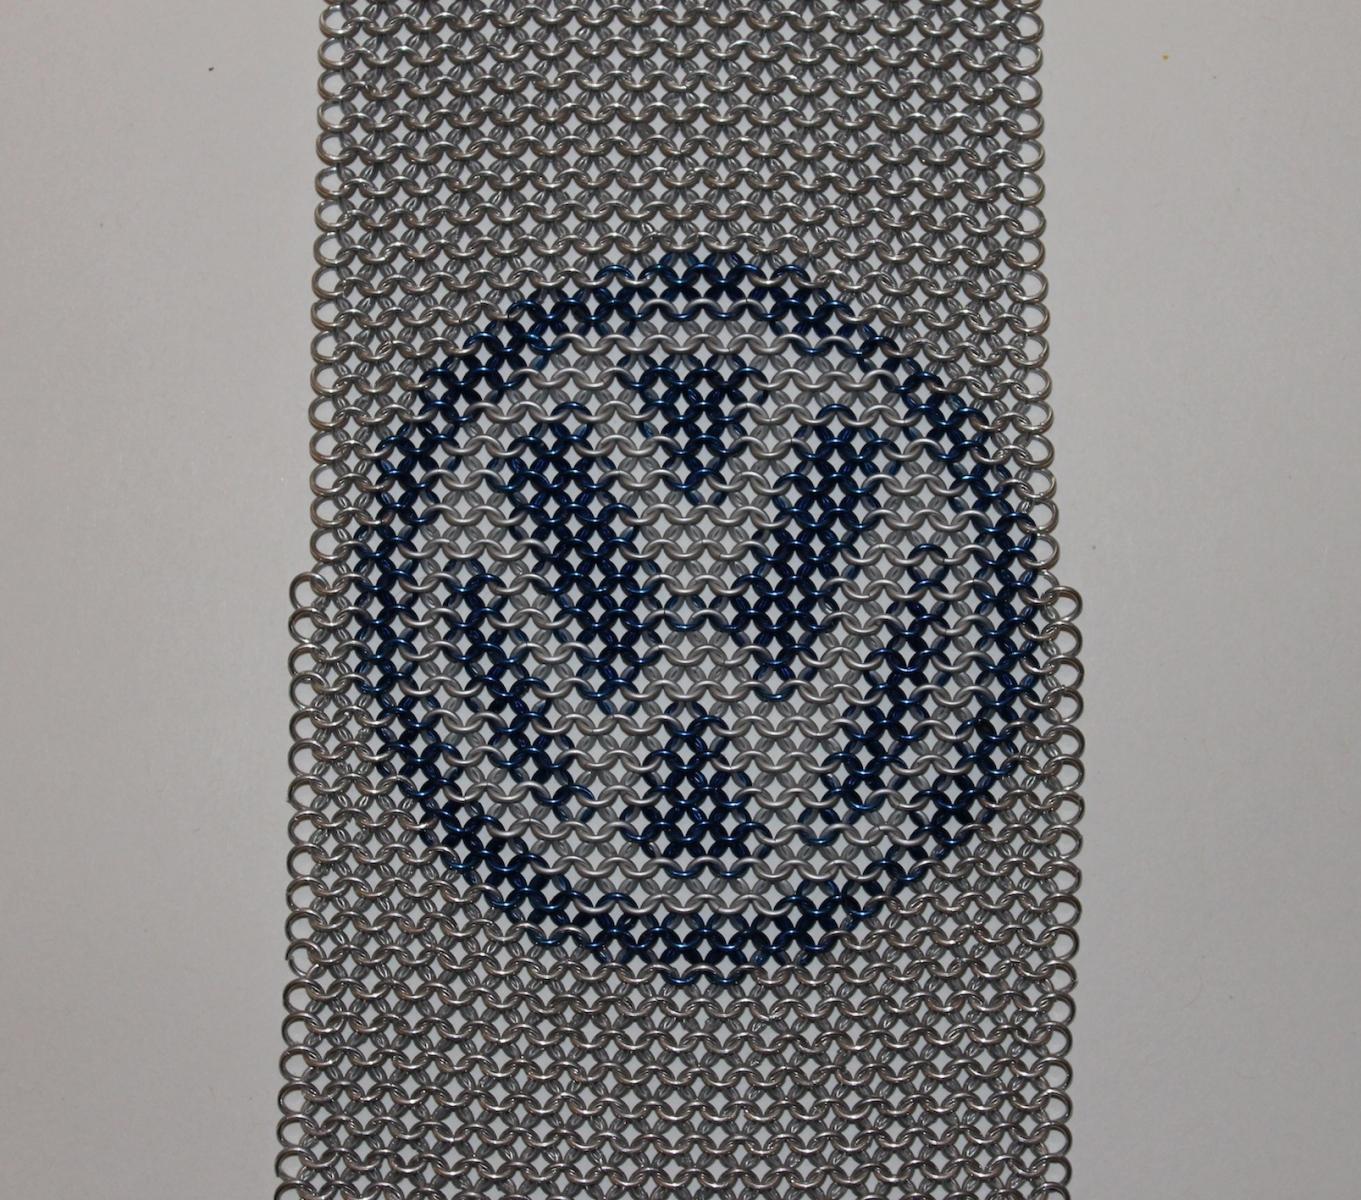 Volkswagen Tie Inlay